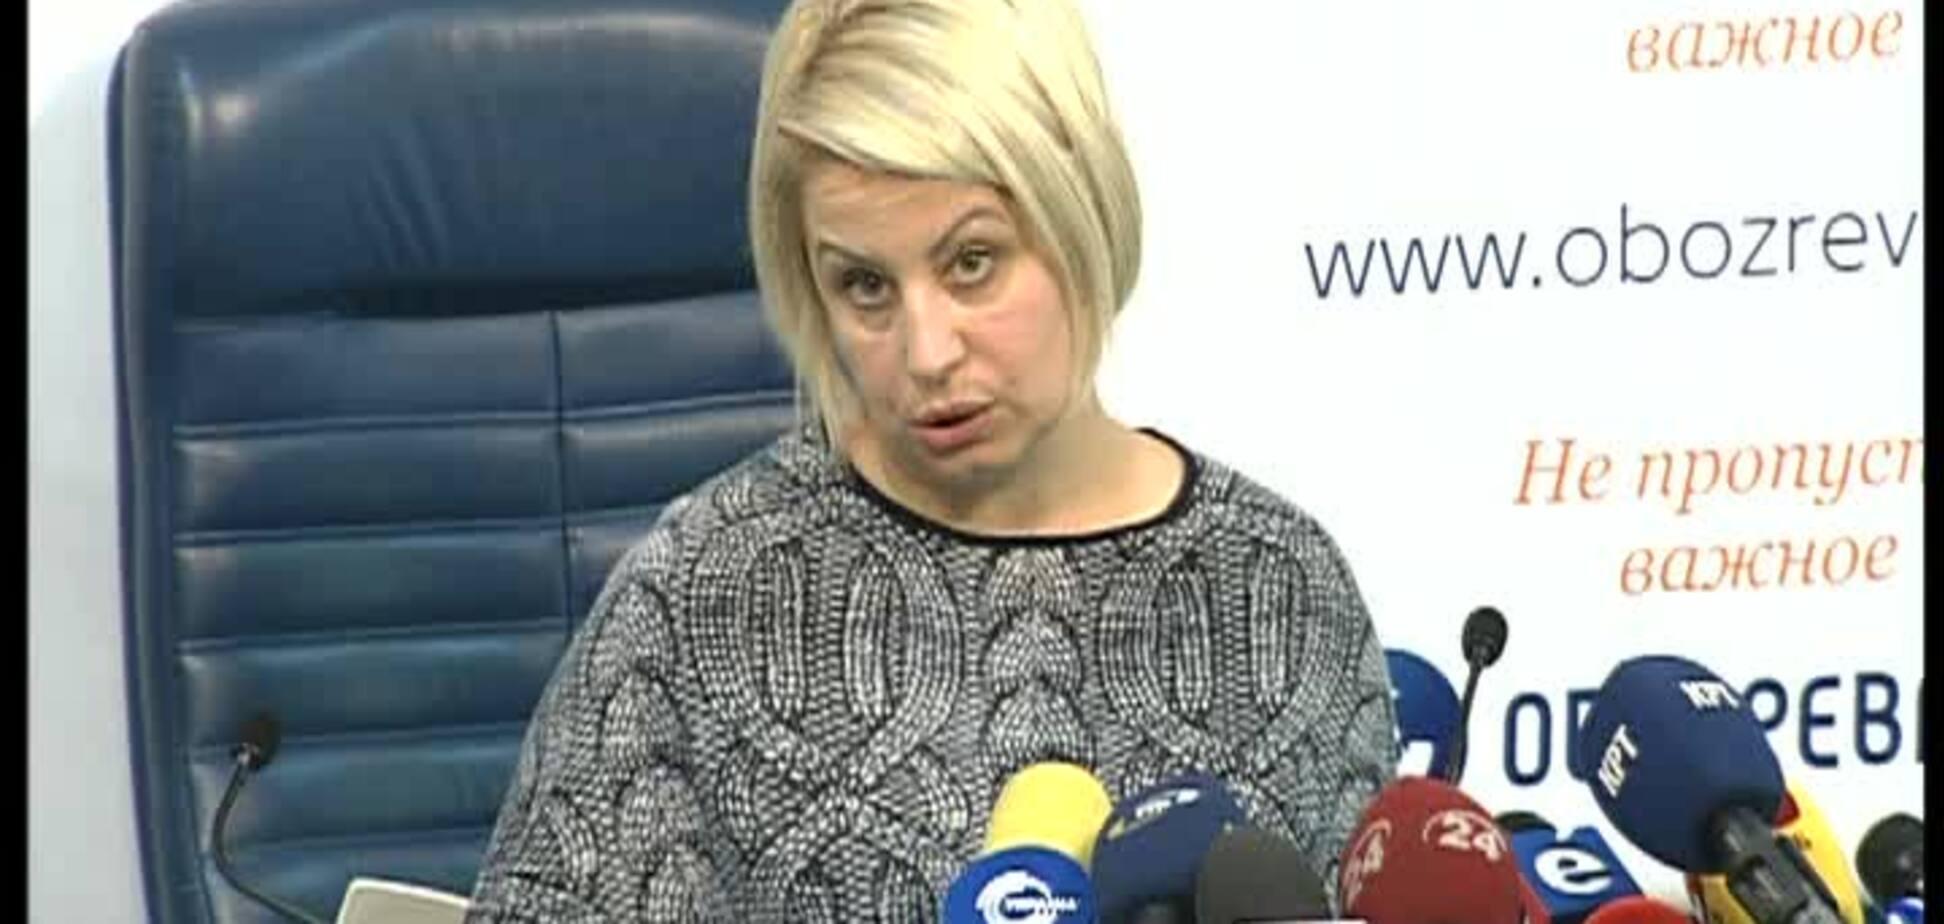 Пожелание Герман для Тимошенко